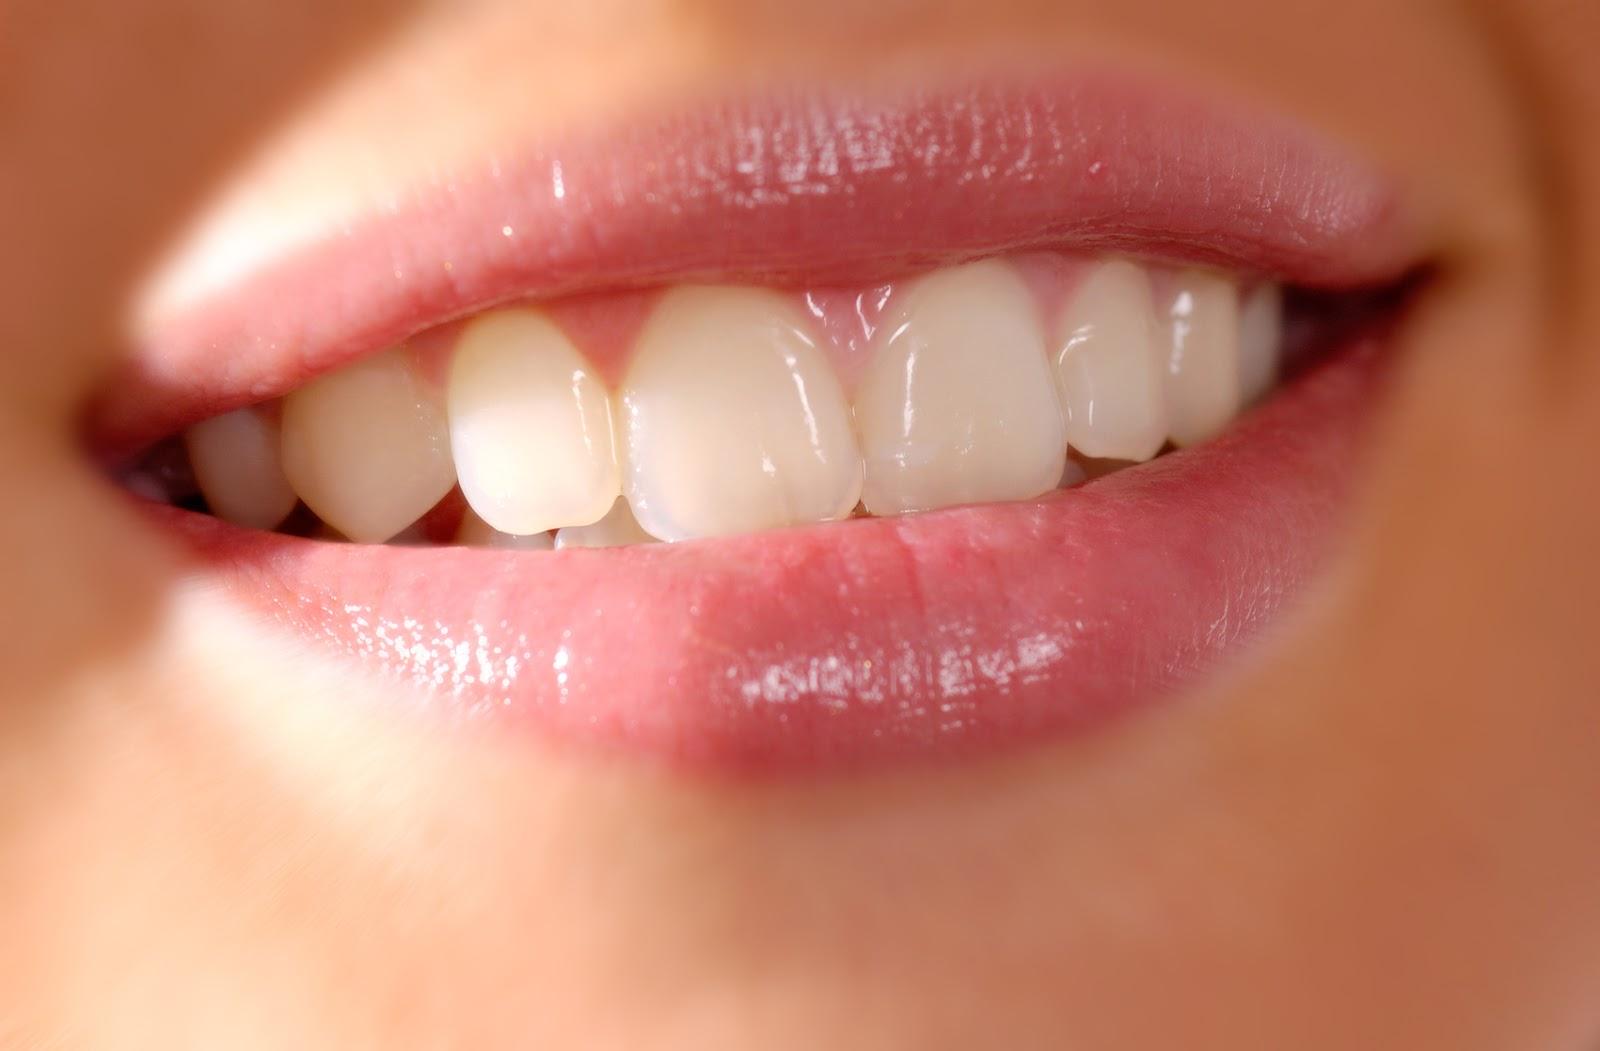 красивые ненастоящие зубы